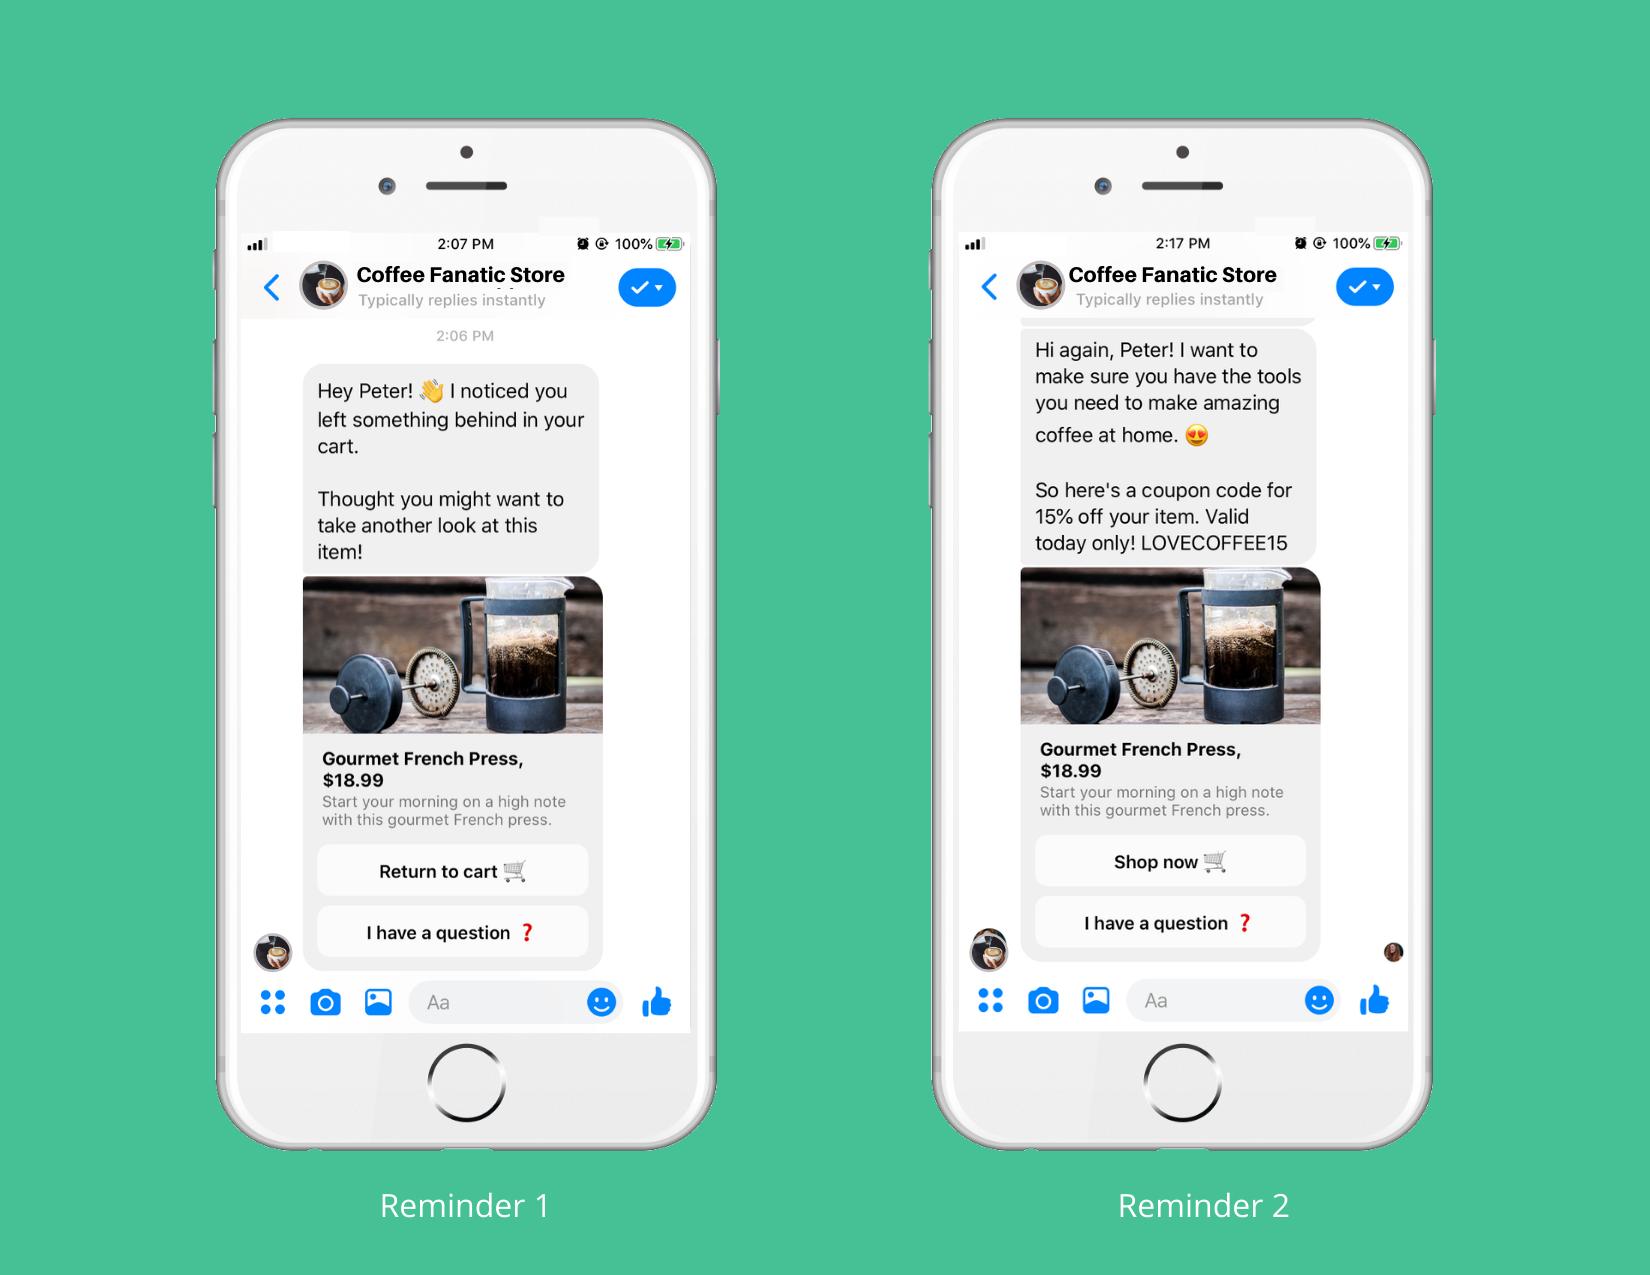 Cách tối đa hóa lượt chuyển đổi giỏ hàng bằng Chatbot